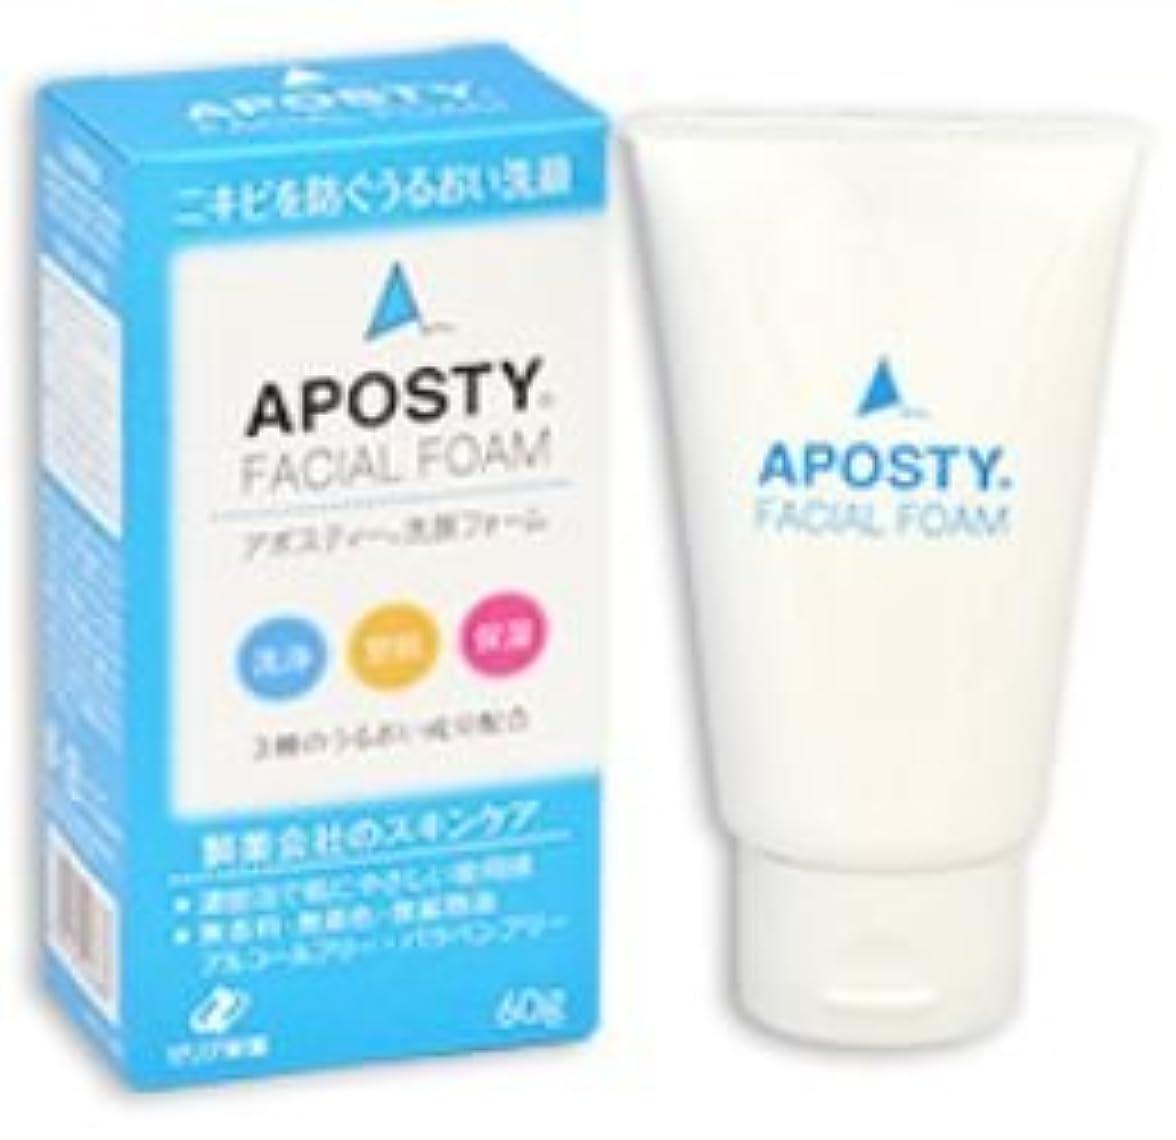 ポルノ石鹸思春期アポスティー洗顔フォーム 60g ×10個